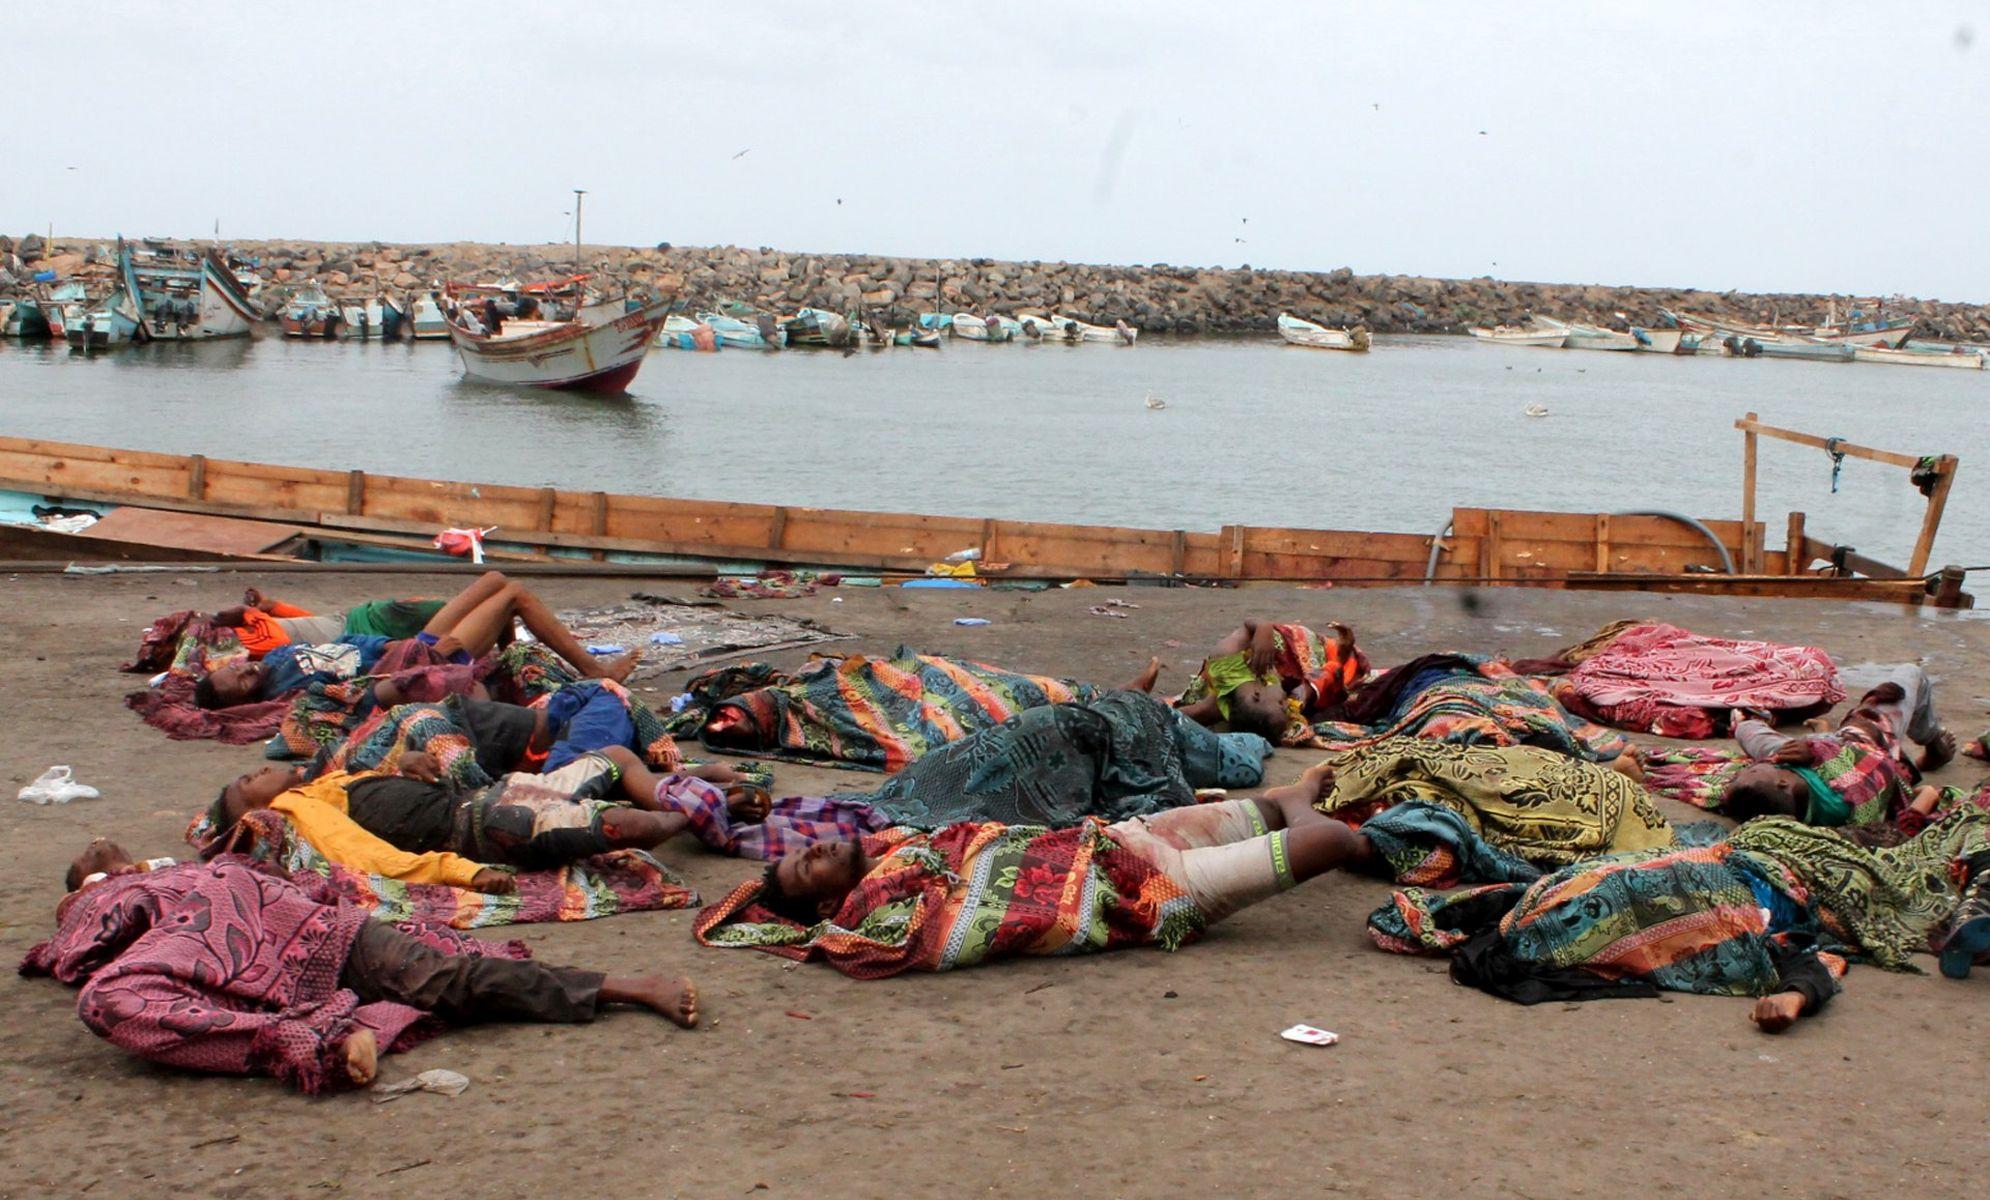 Više od 40 somalijskih migranata ubijeno u moru blizu Jemena